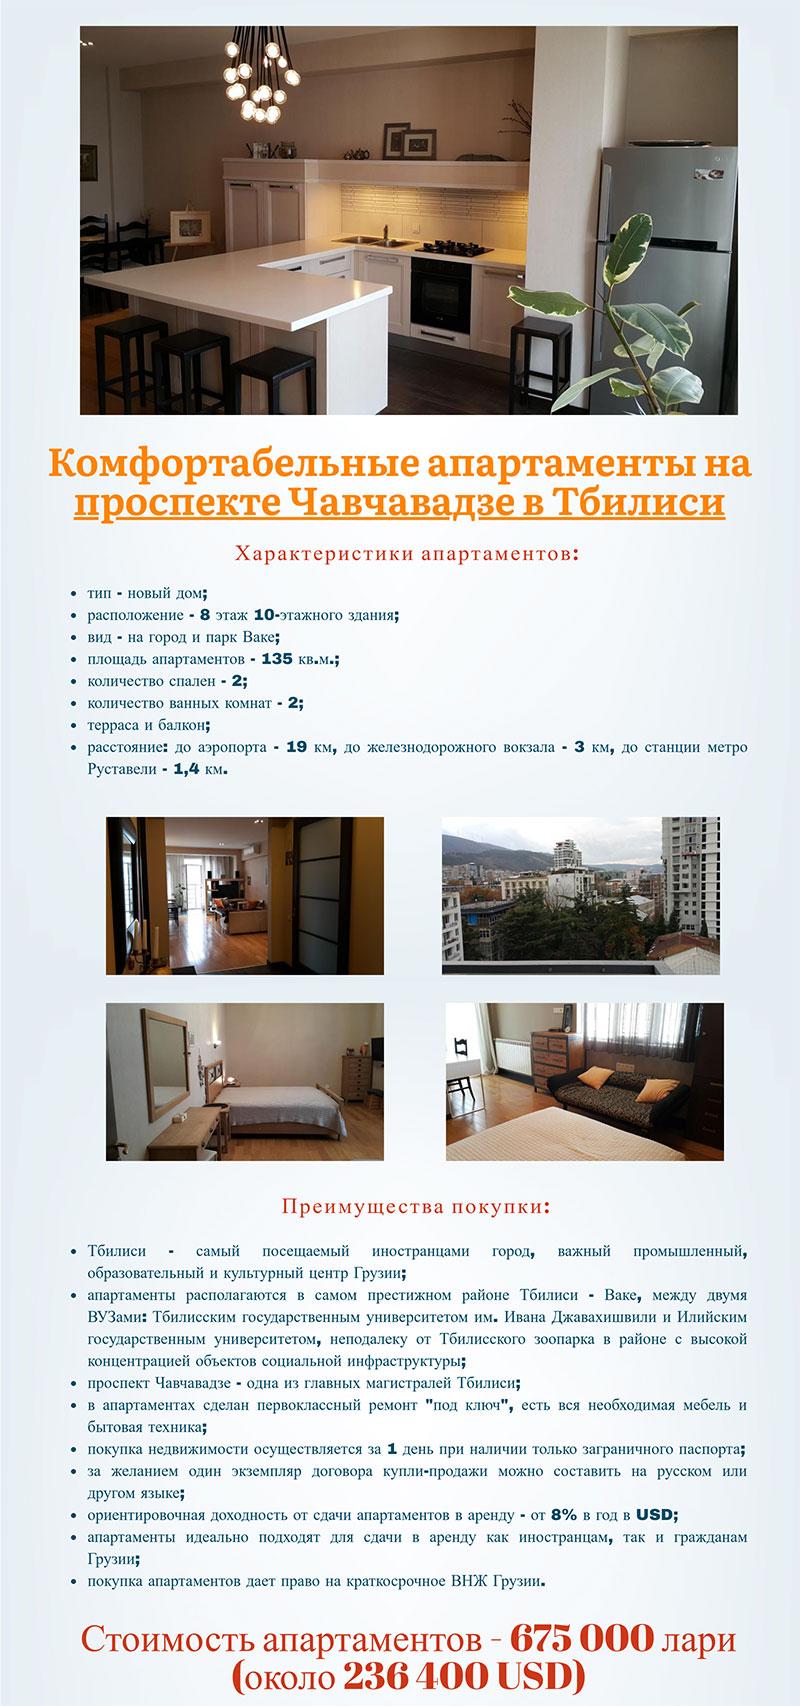 апартаменты комфорт в Чавчавадзе